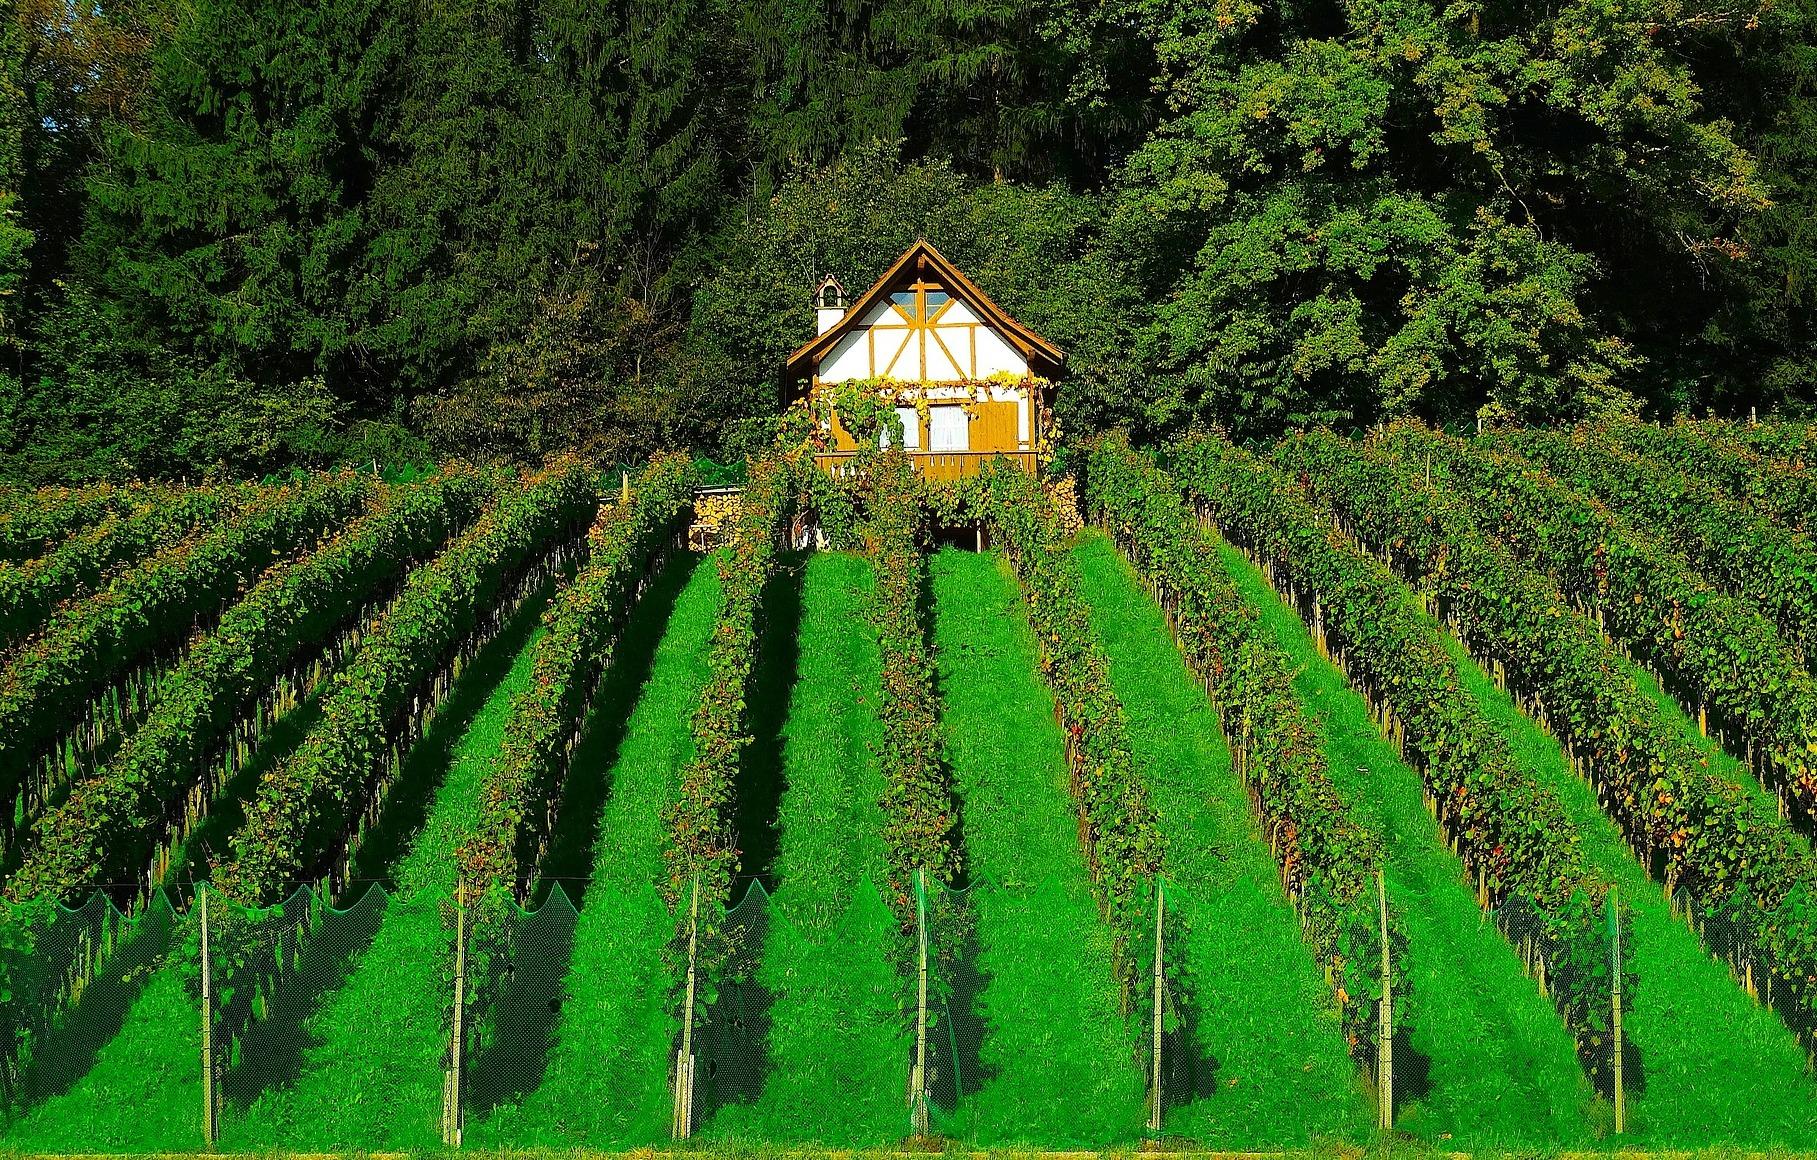 vineyard-464181_1920.jpg